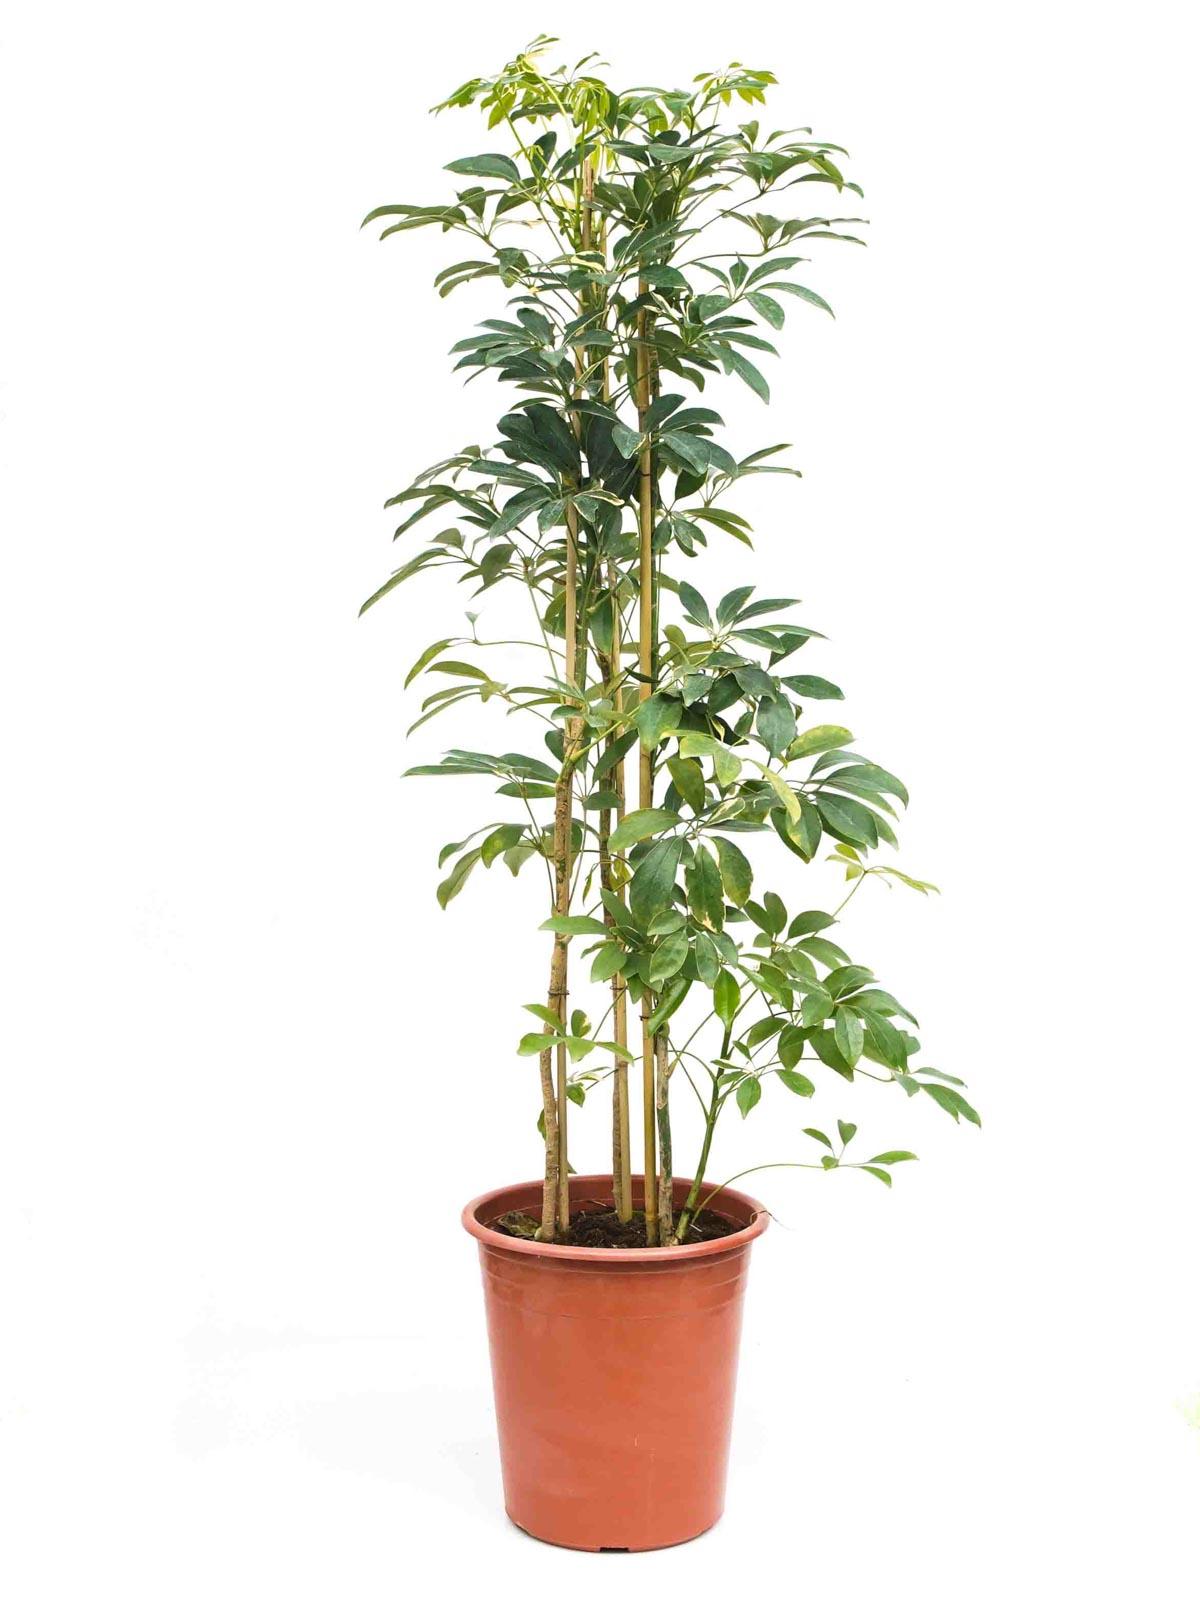 شيفليرا ذهبي و أخضر  نباتات داخلية